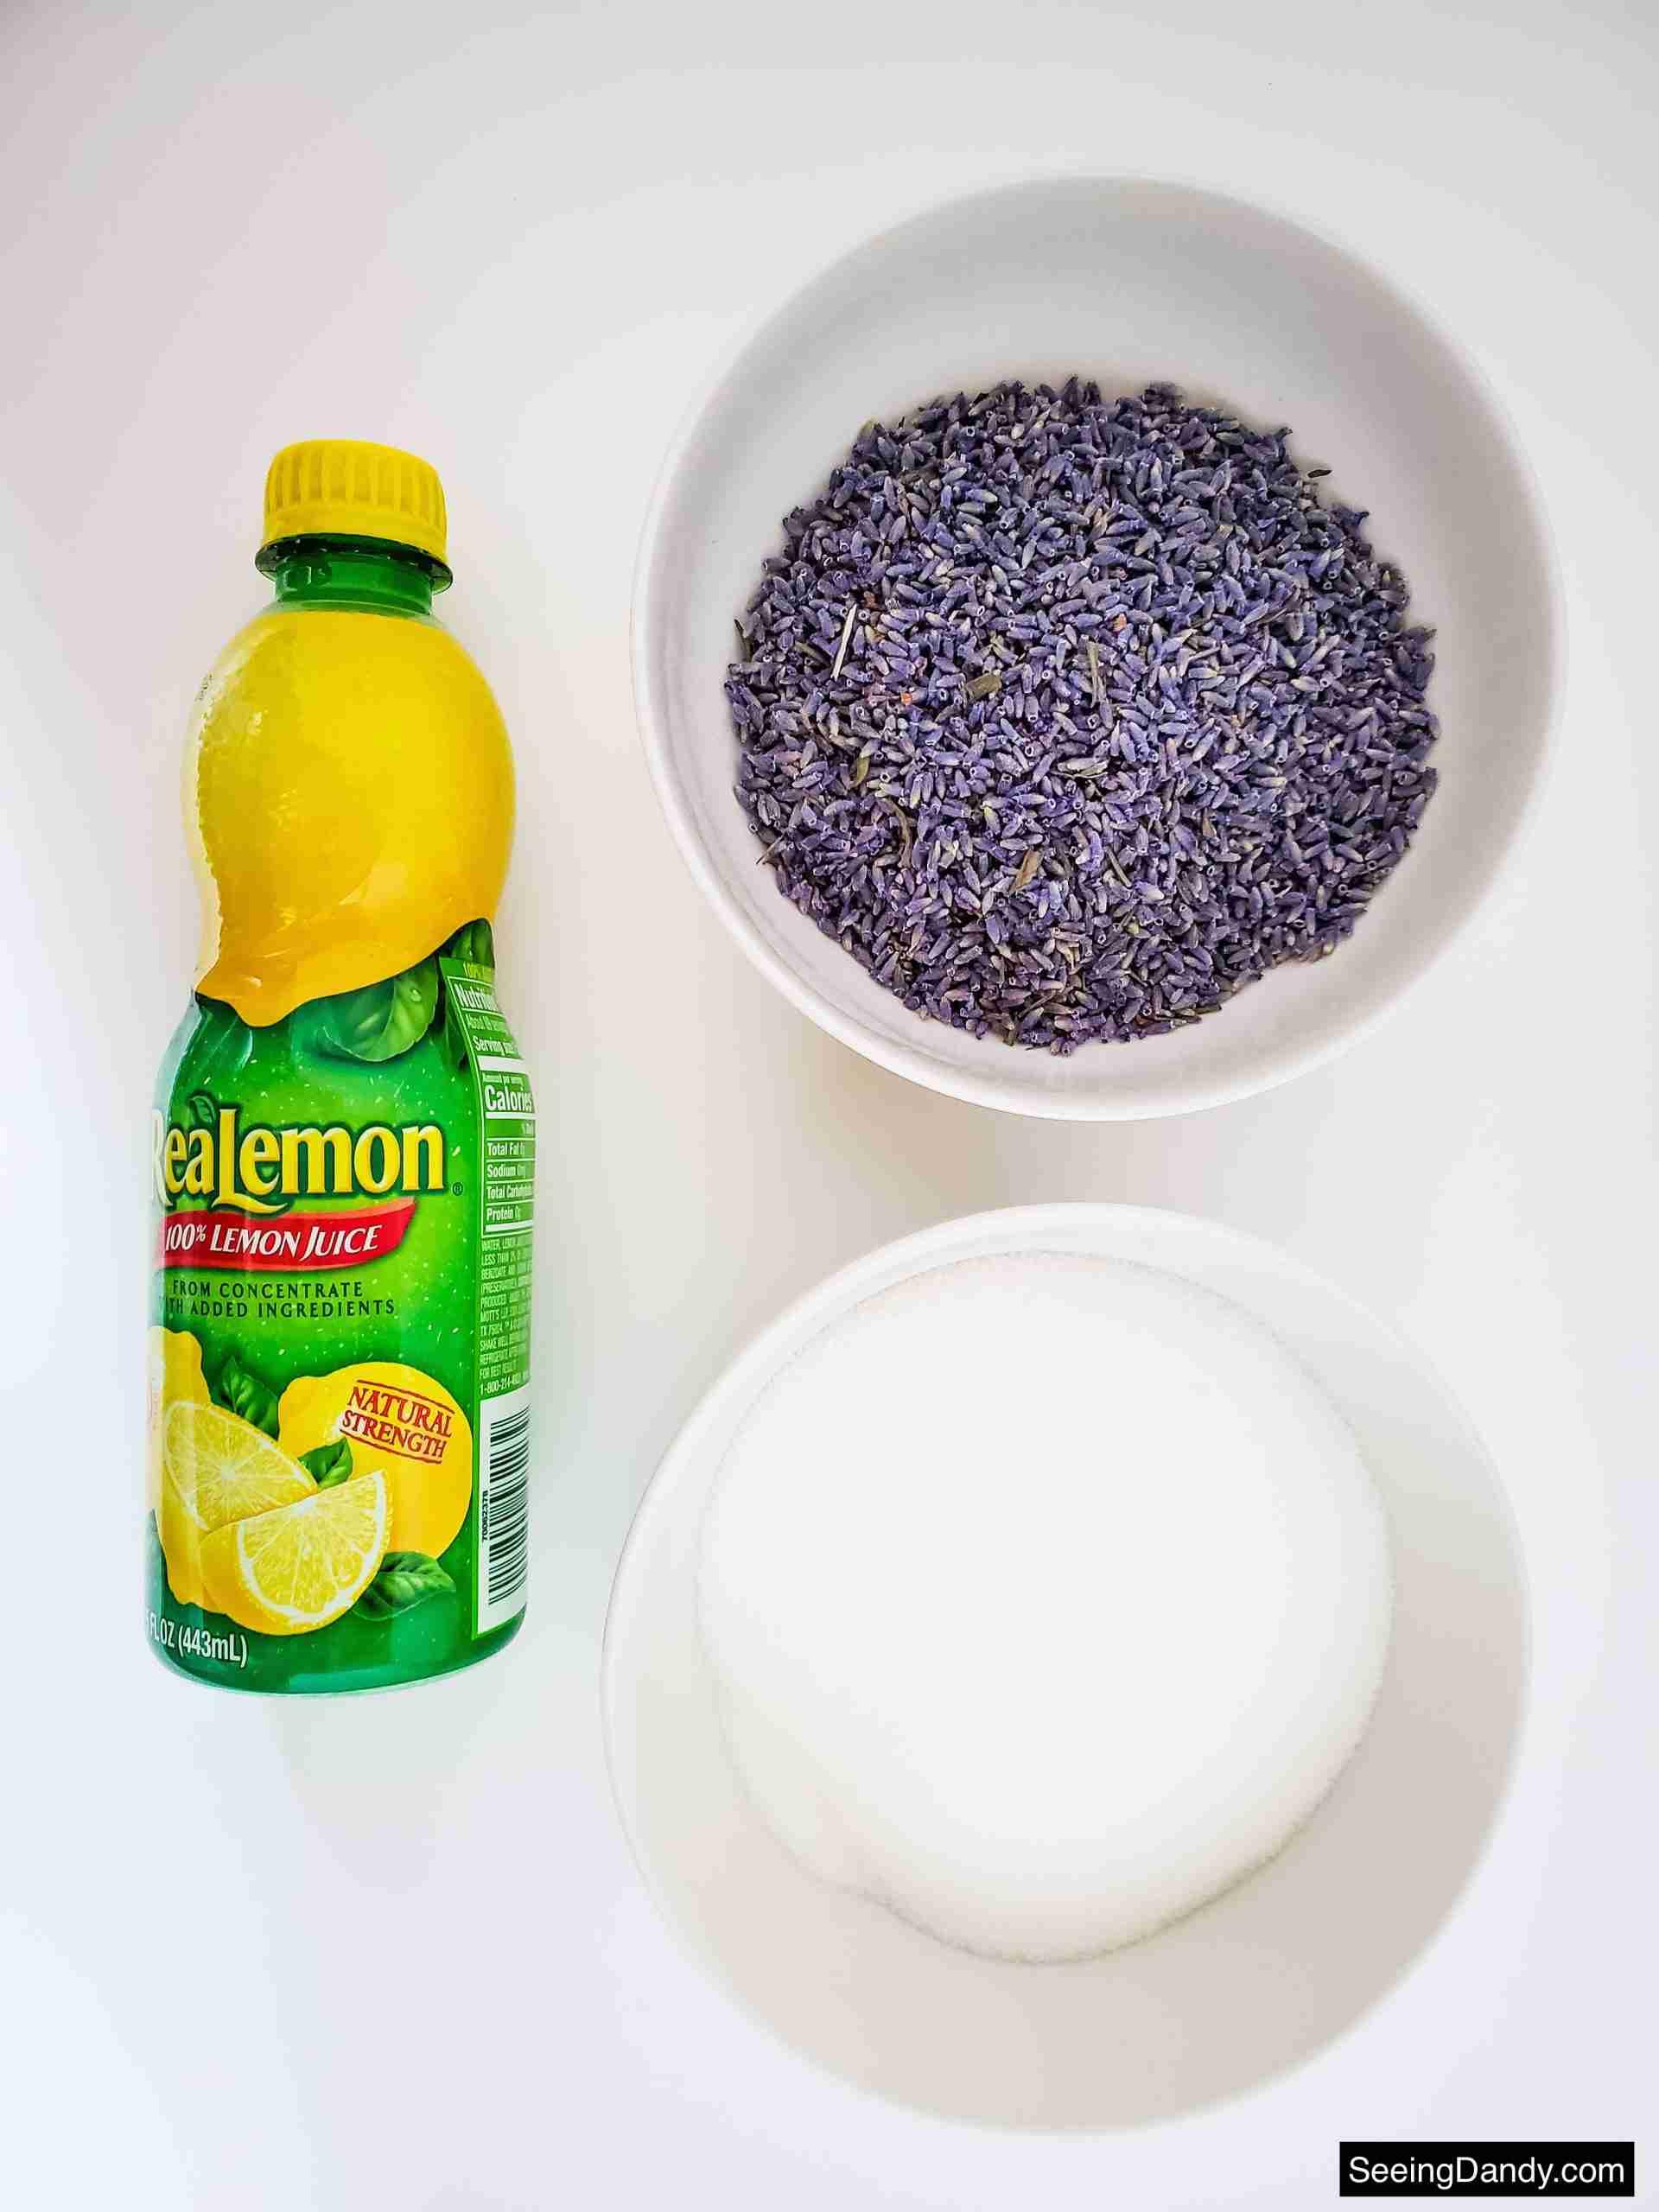 lavender lemonade recipe ingredients, real lemon juice bottle, dried lavender flowers